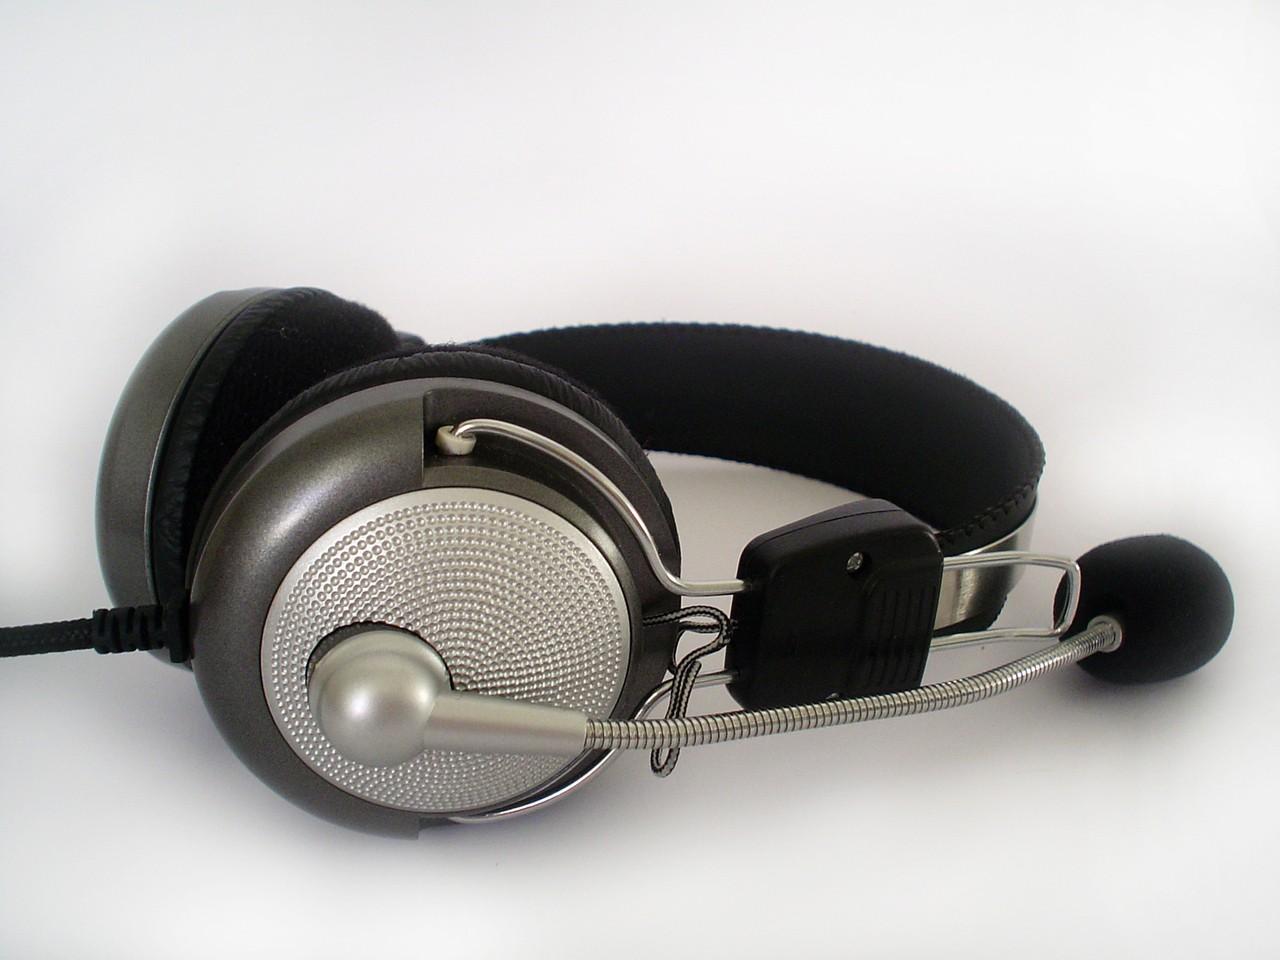 Jak sparować słuchawki bezprzewodowe? – Krok po kroku